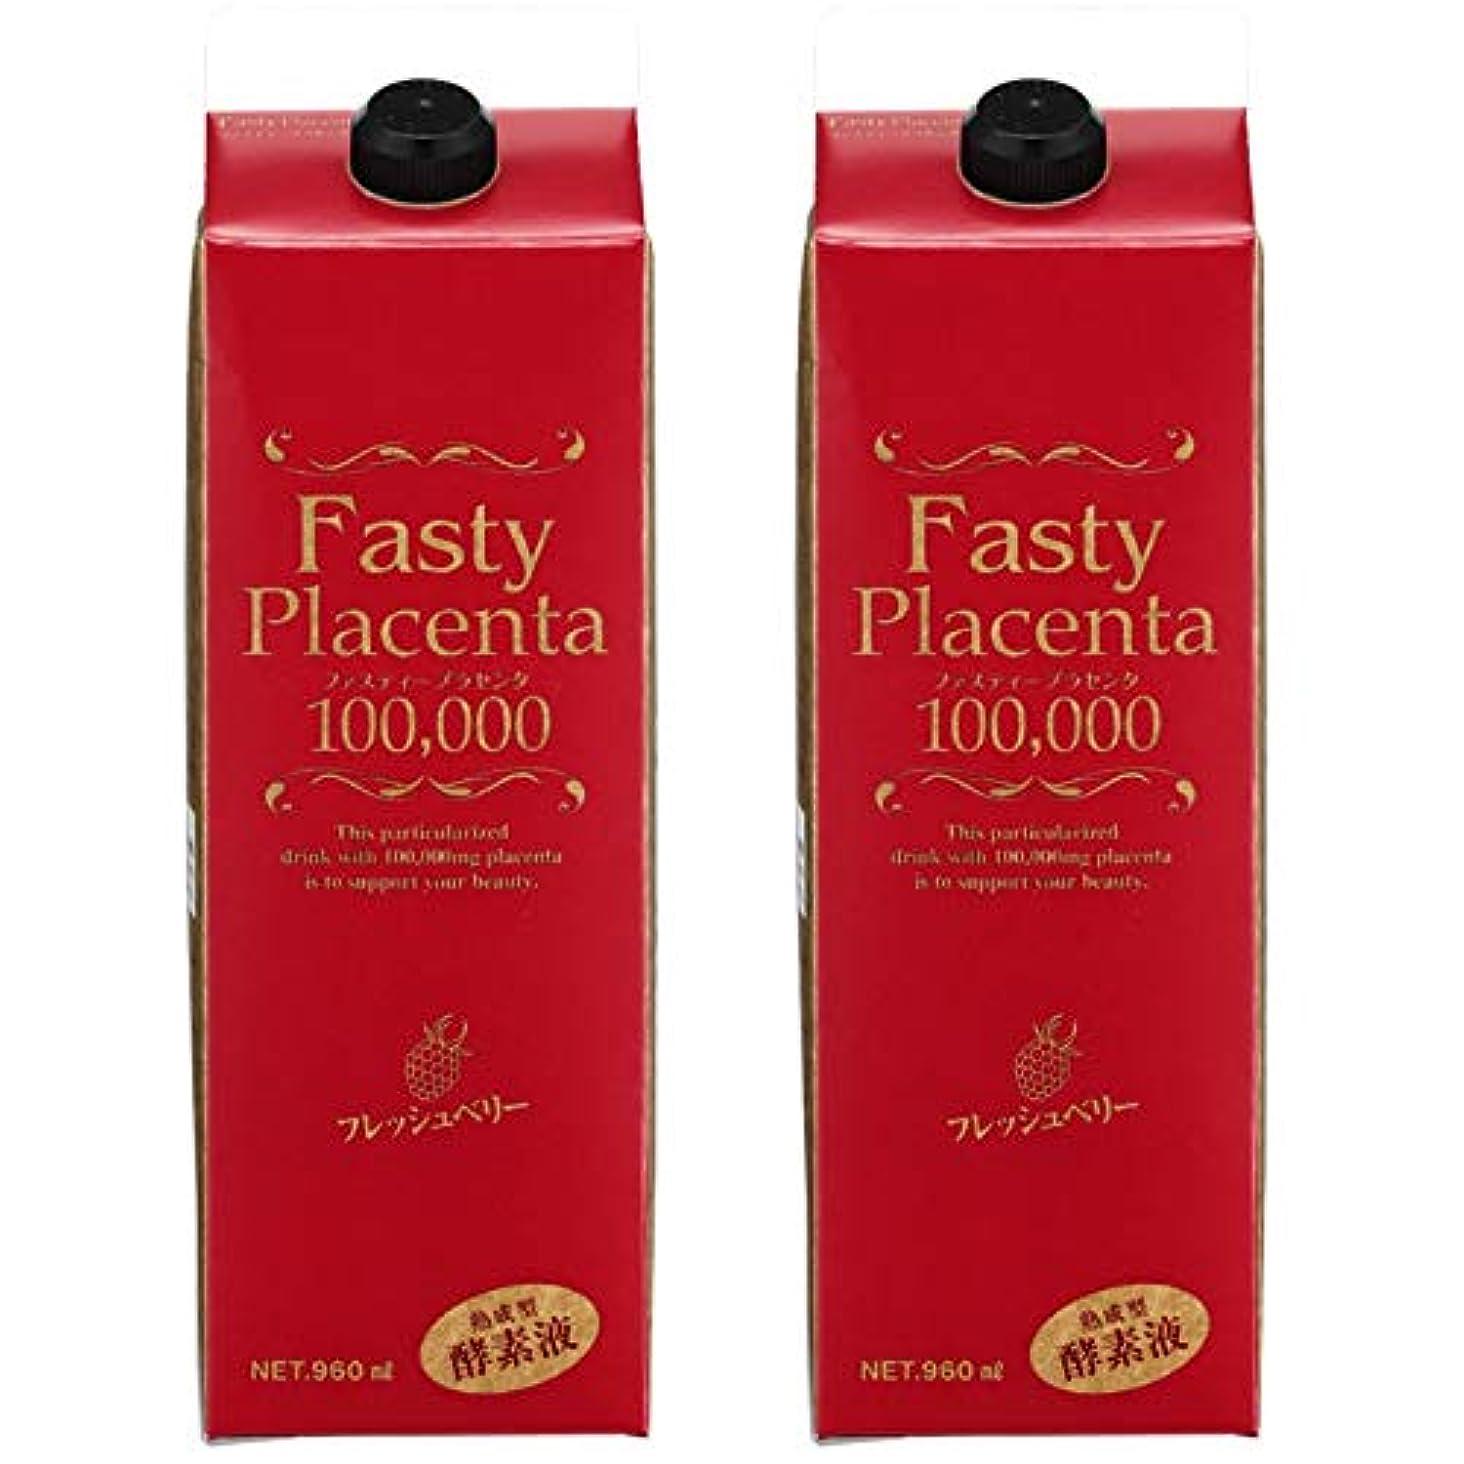 安全な罰会うファスティープラセンタ100,000 増量パック(フレッシュベリー味)2個